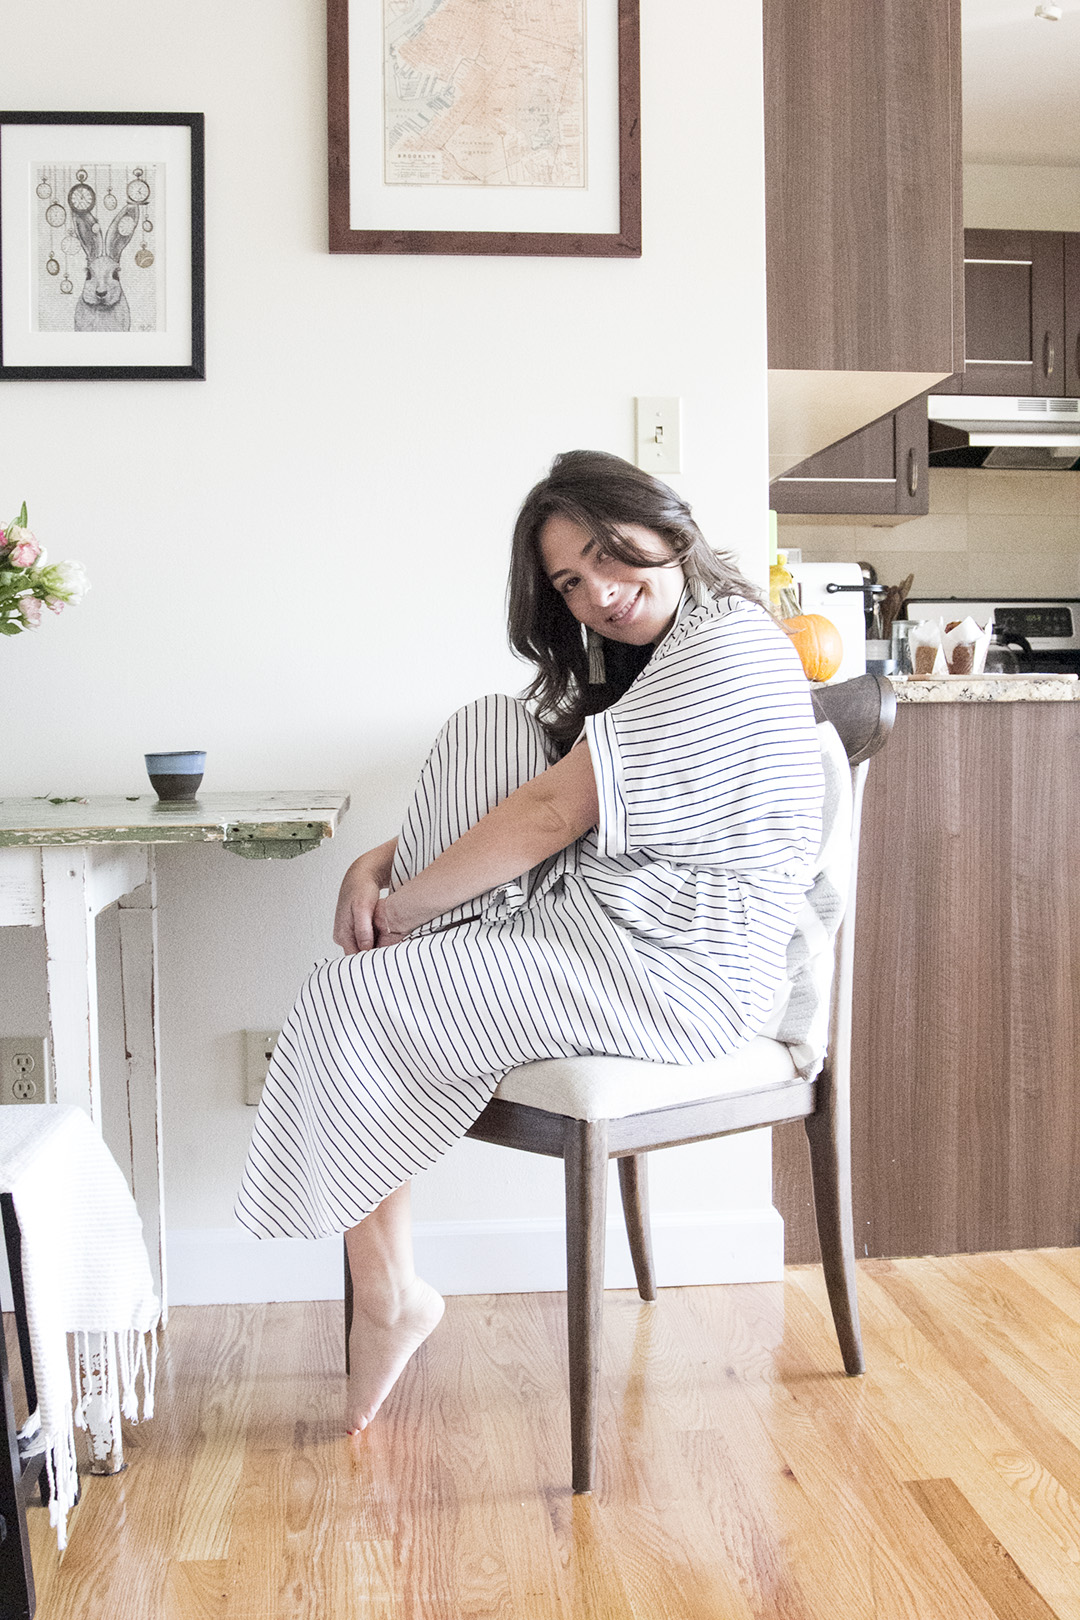 Table BK founder, Simone Nemirovsky